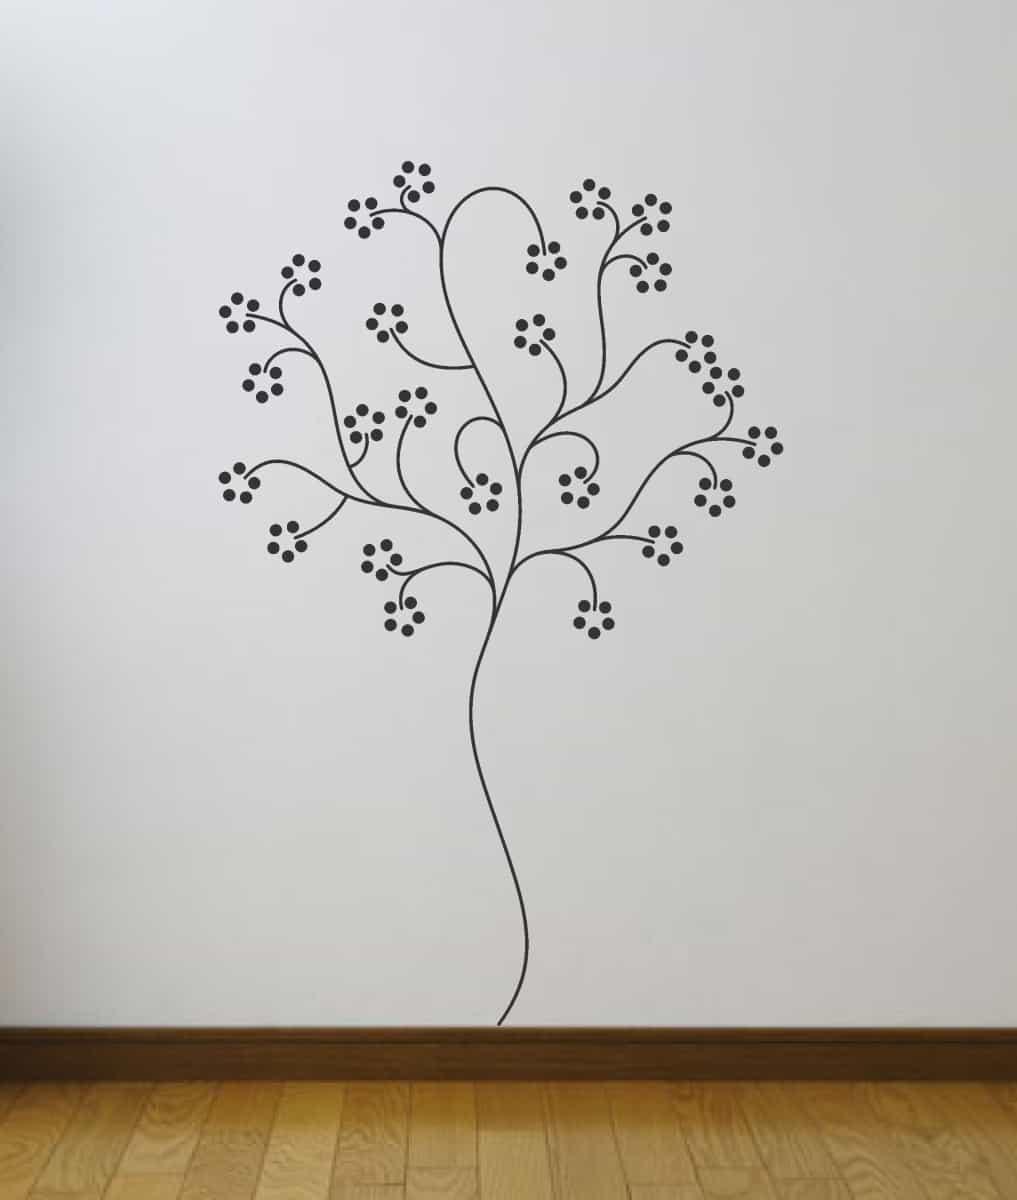 Adesivo de Decoração | Árvore 1 R$ 149,00